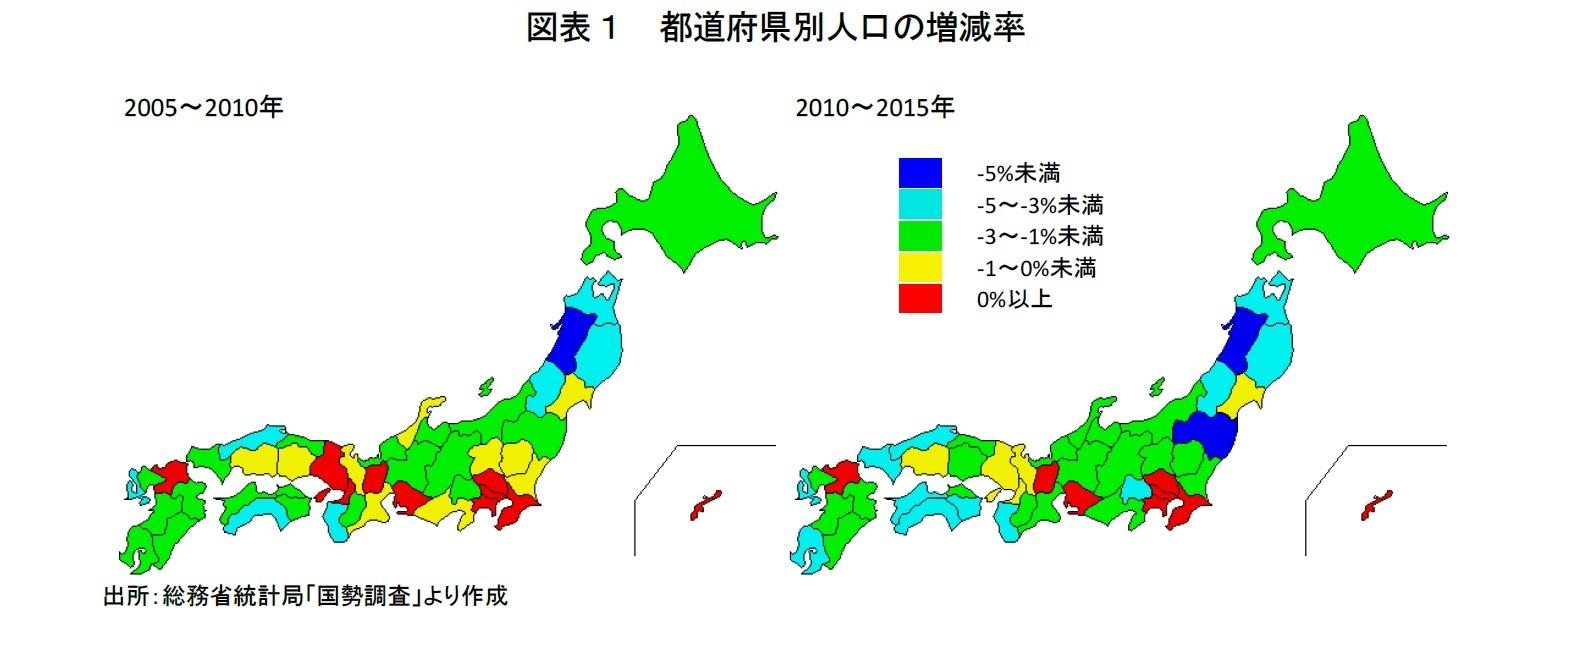 図表1 都道府県別人口の増減率